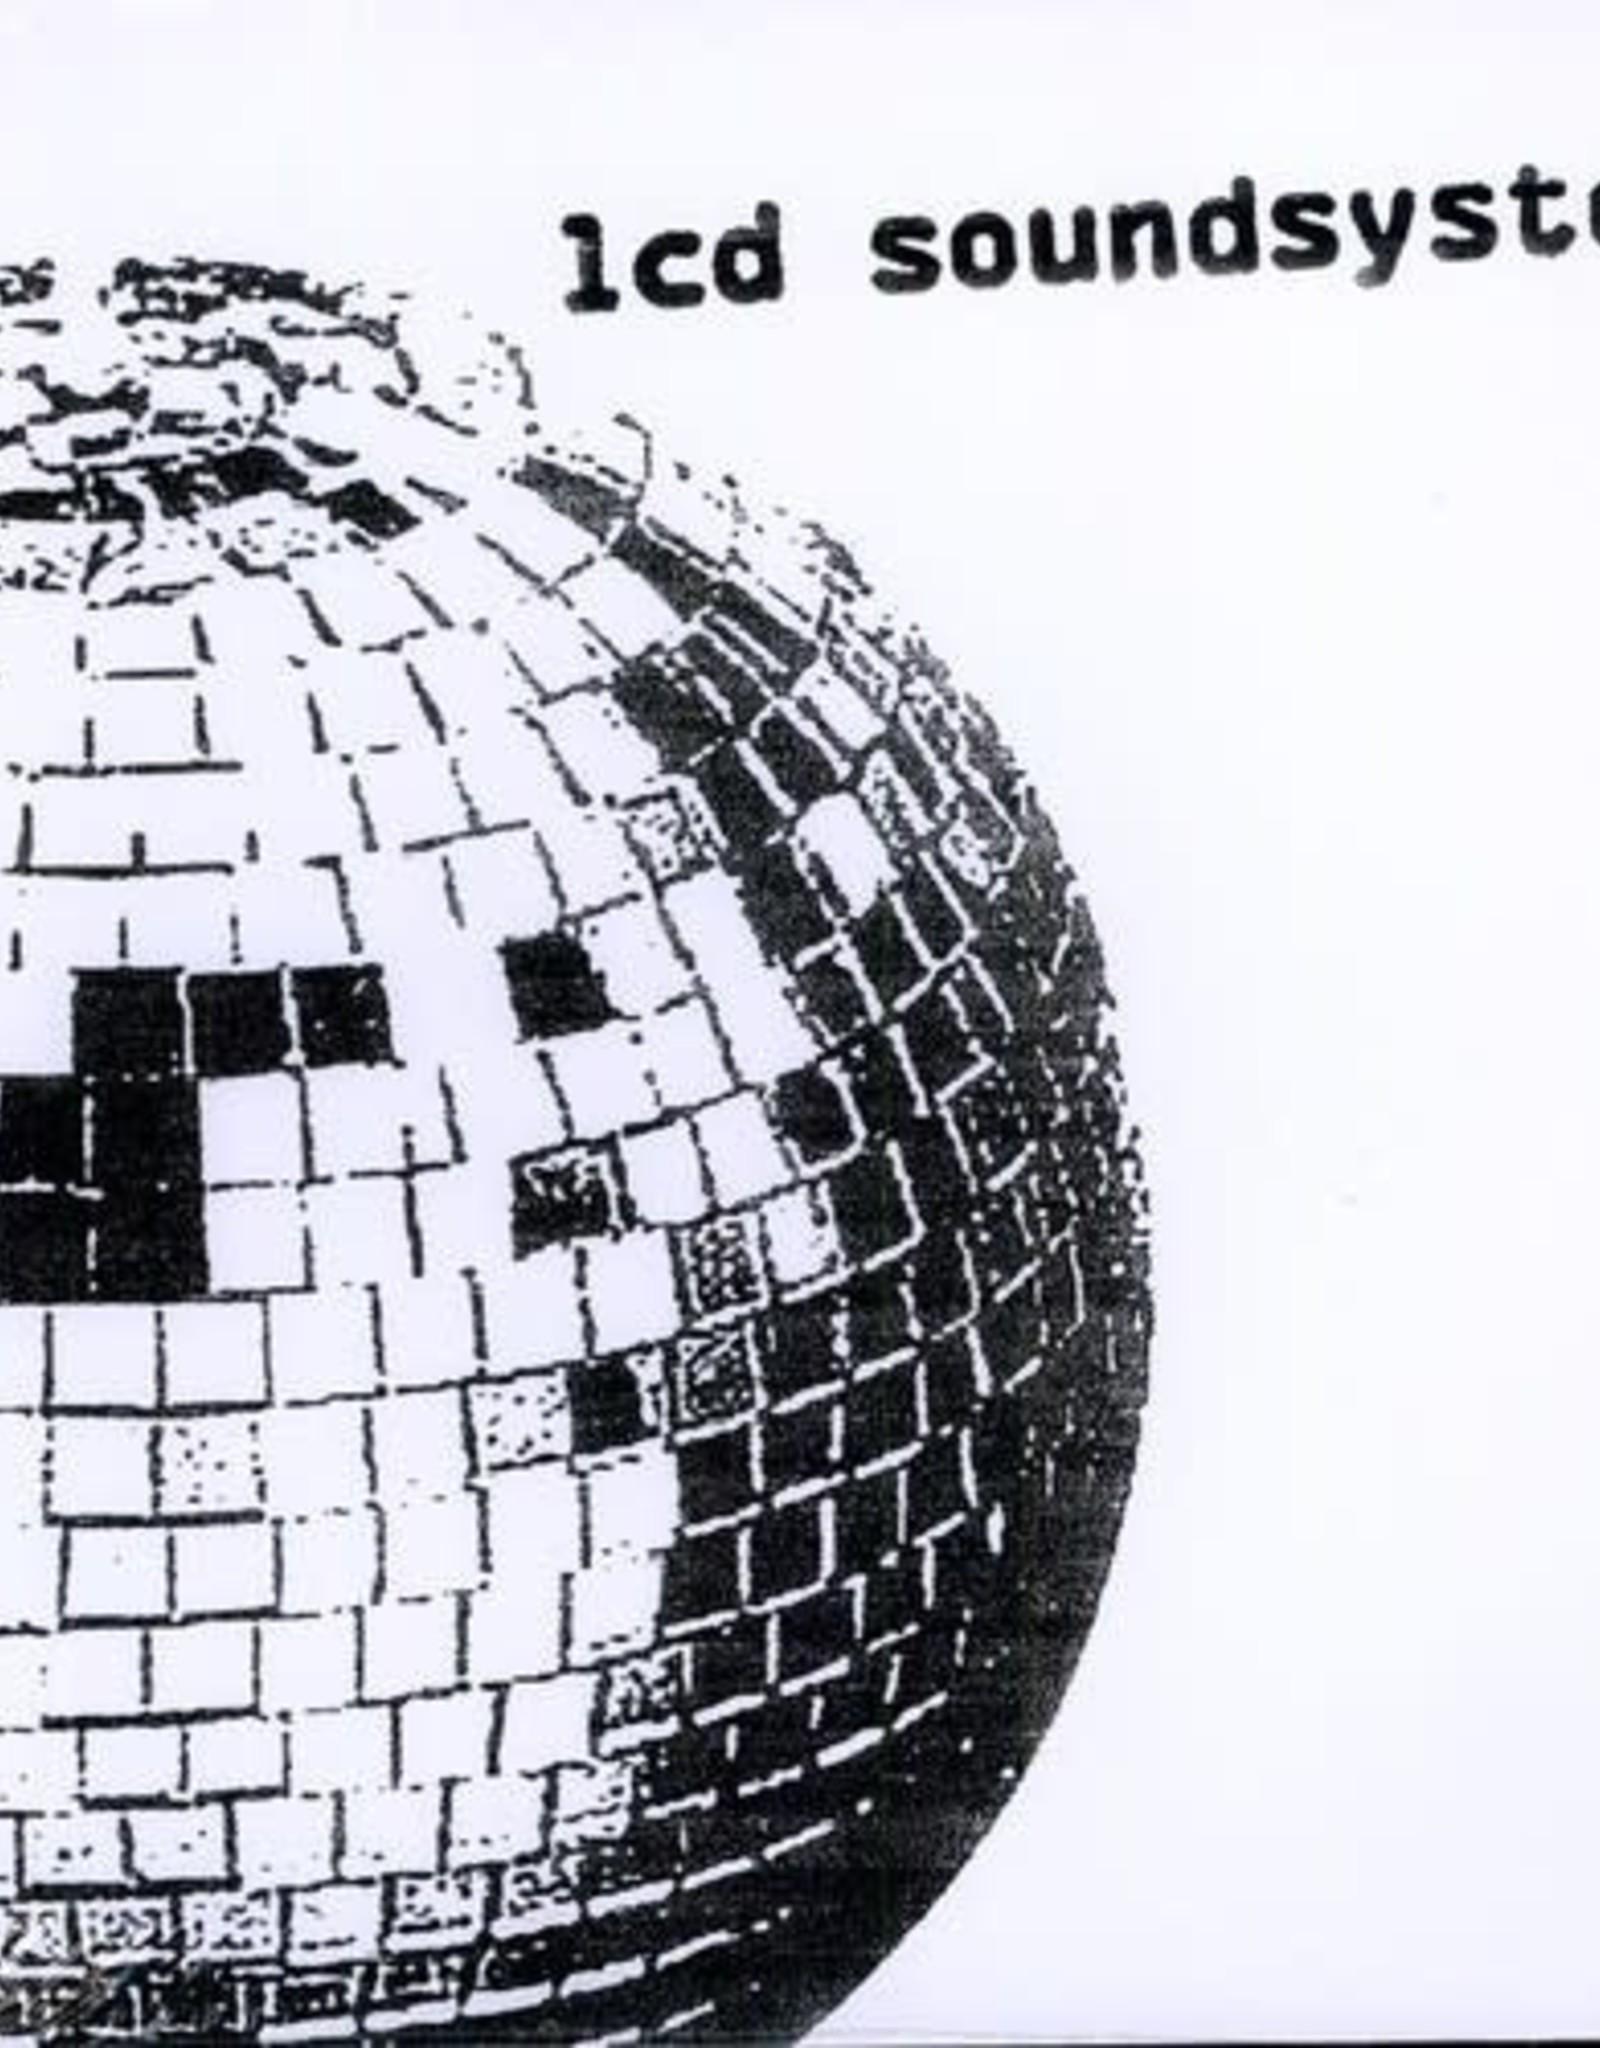 LCD Soundsystem - S/T